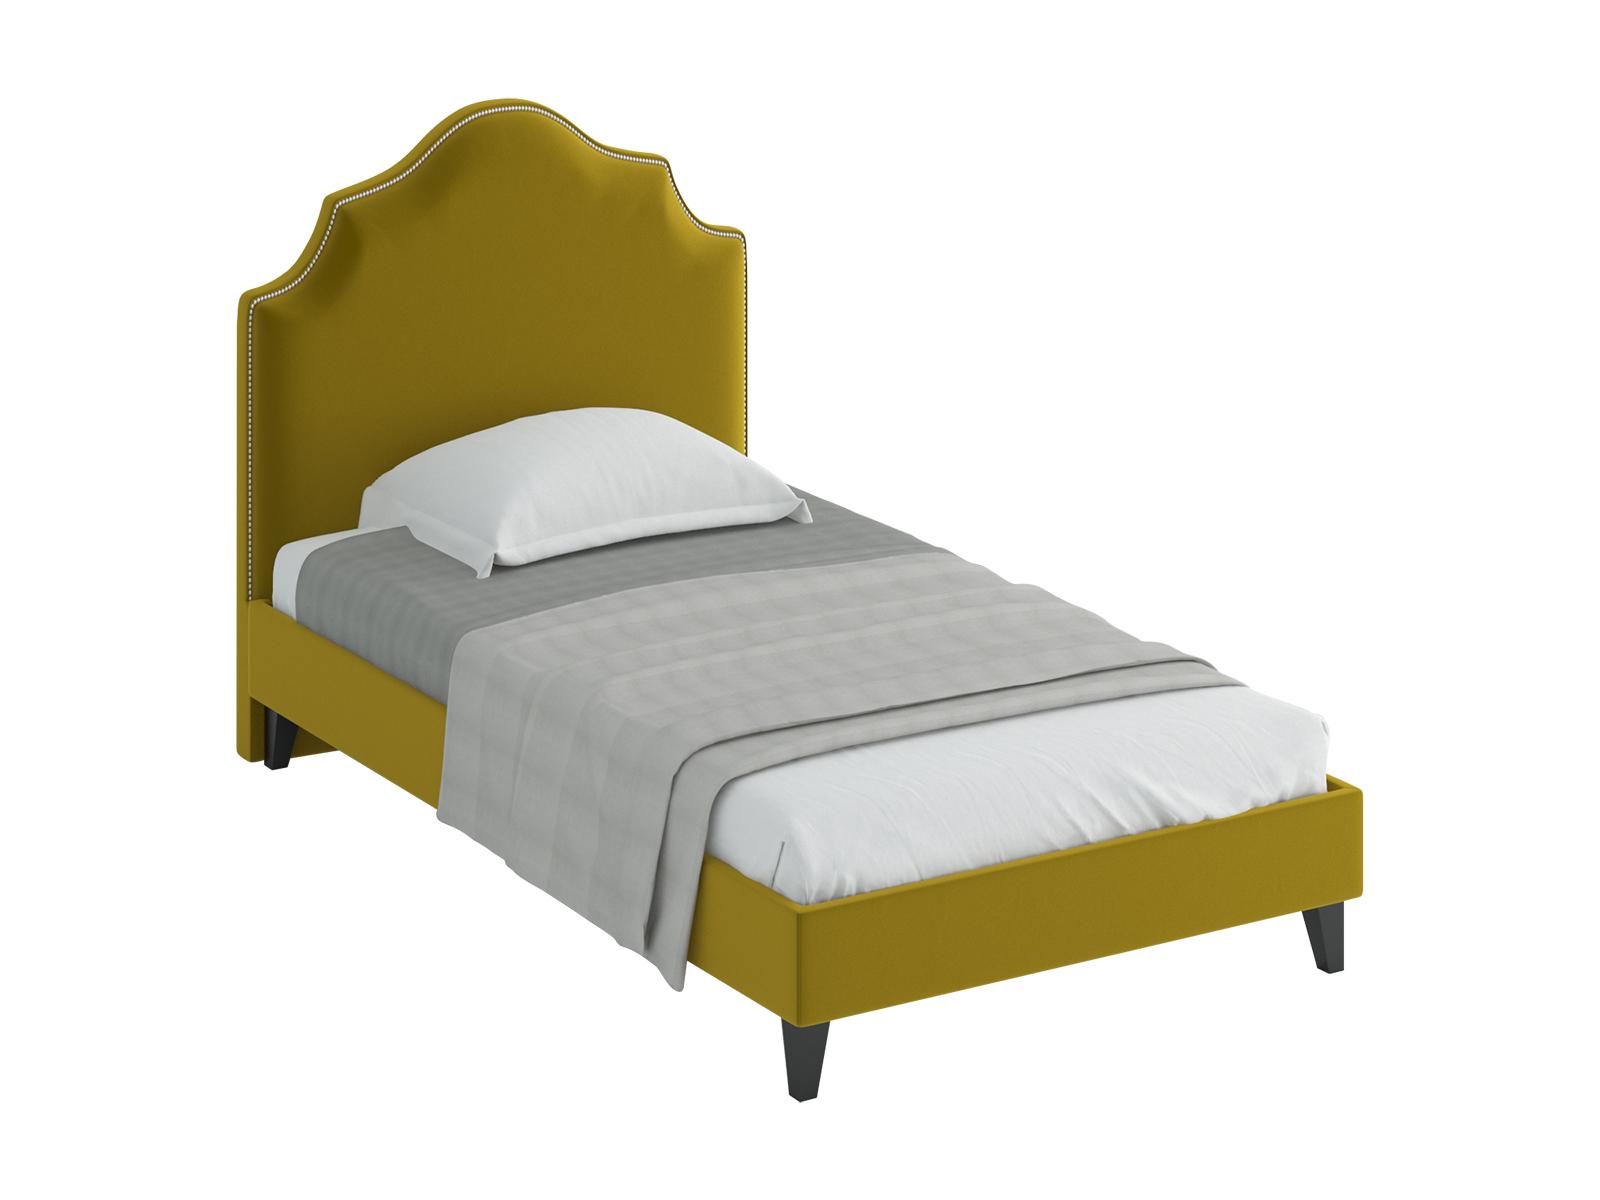 Кровать Princess LКровати<br>Кровать односпальная. Спинка кровати декорирована молдингом, установлена на пластмассовые опоры. Основание установлено на ножки из массива дерева и обрамлено мягкими царгами.  Размер спального места: 1200х2000 мм.<br>